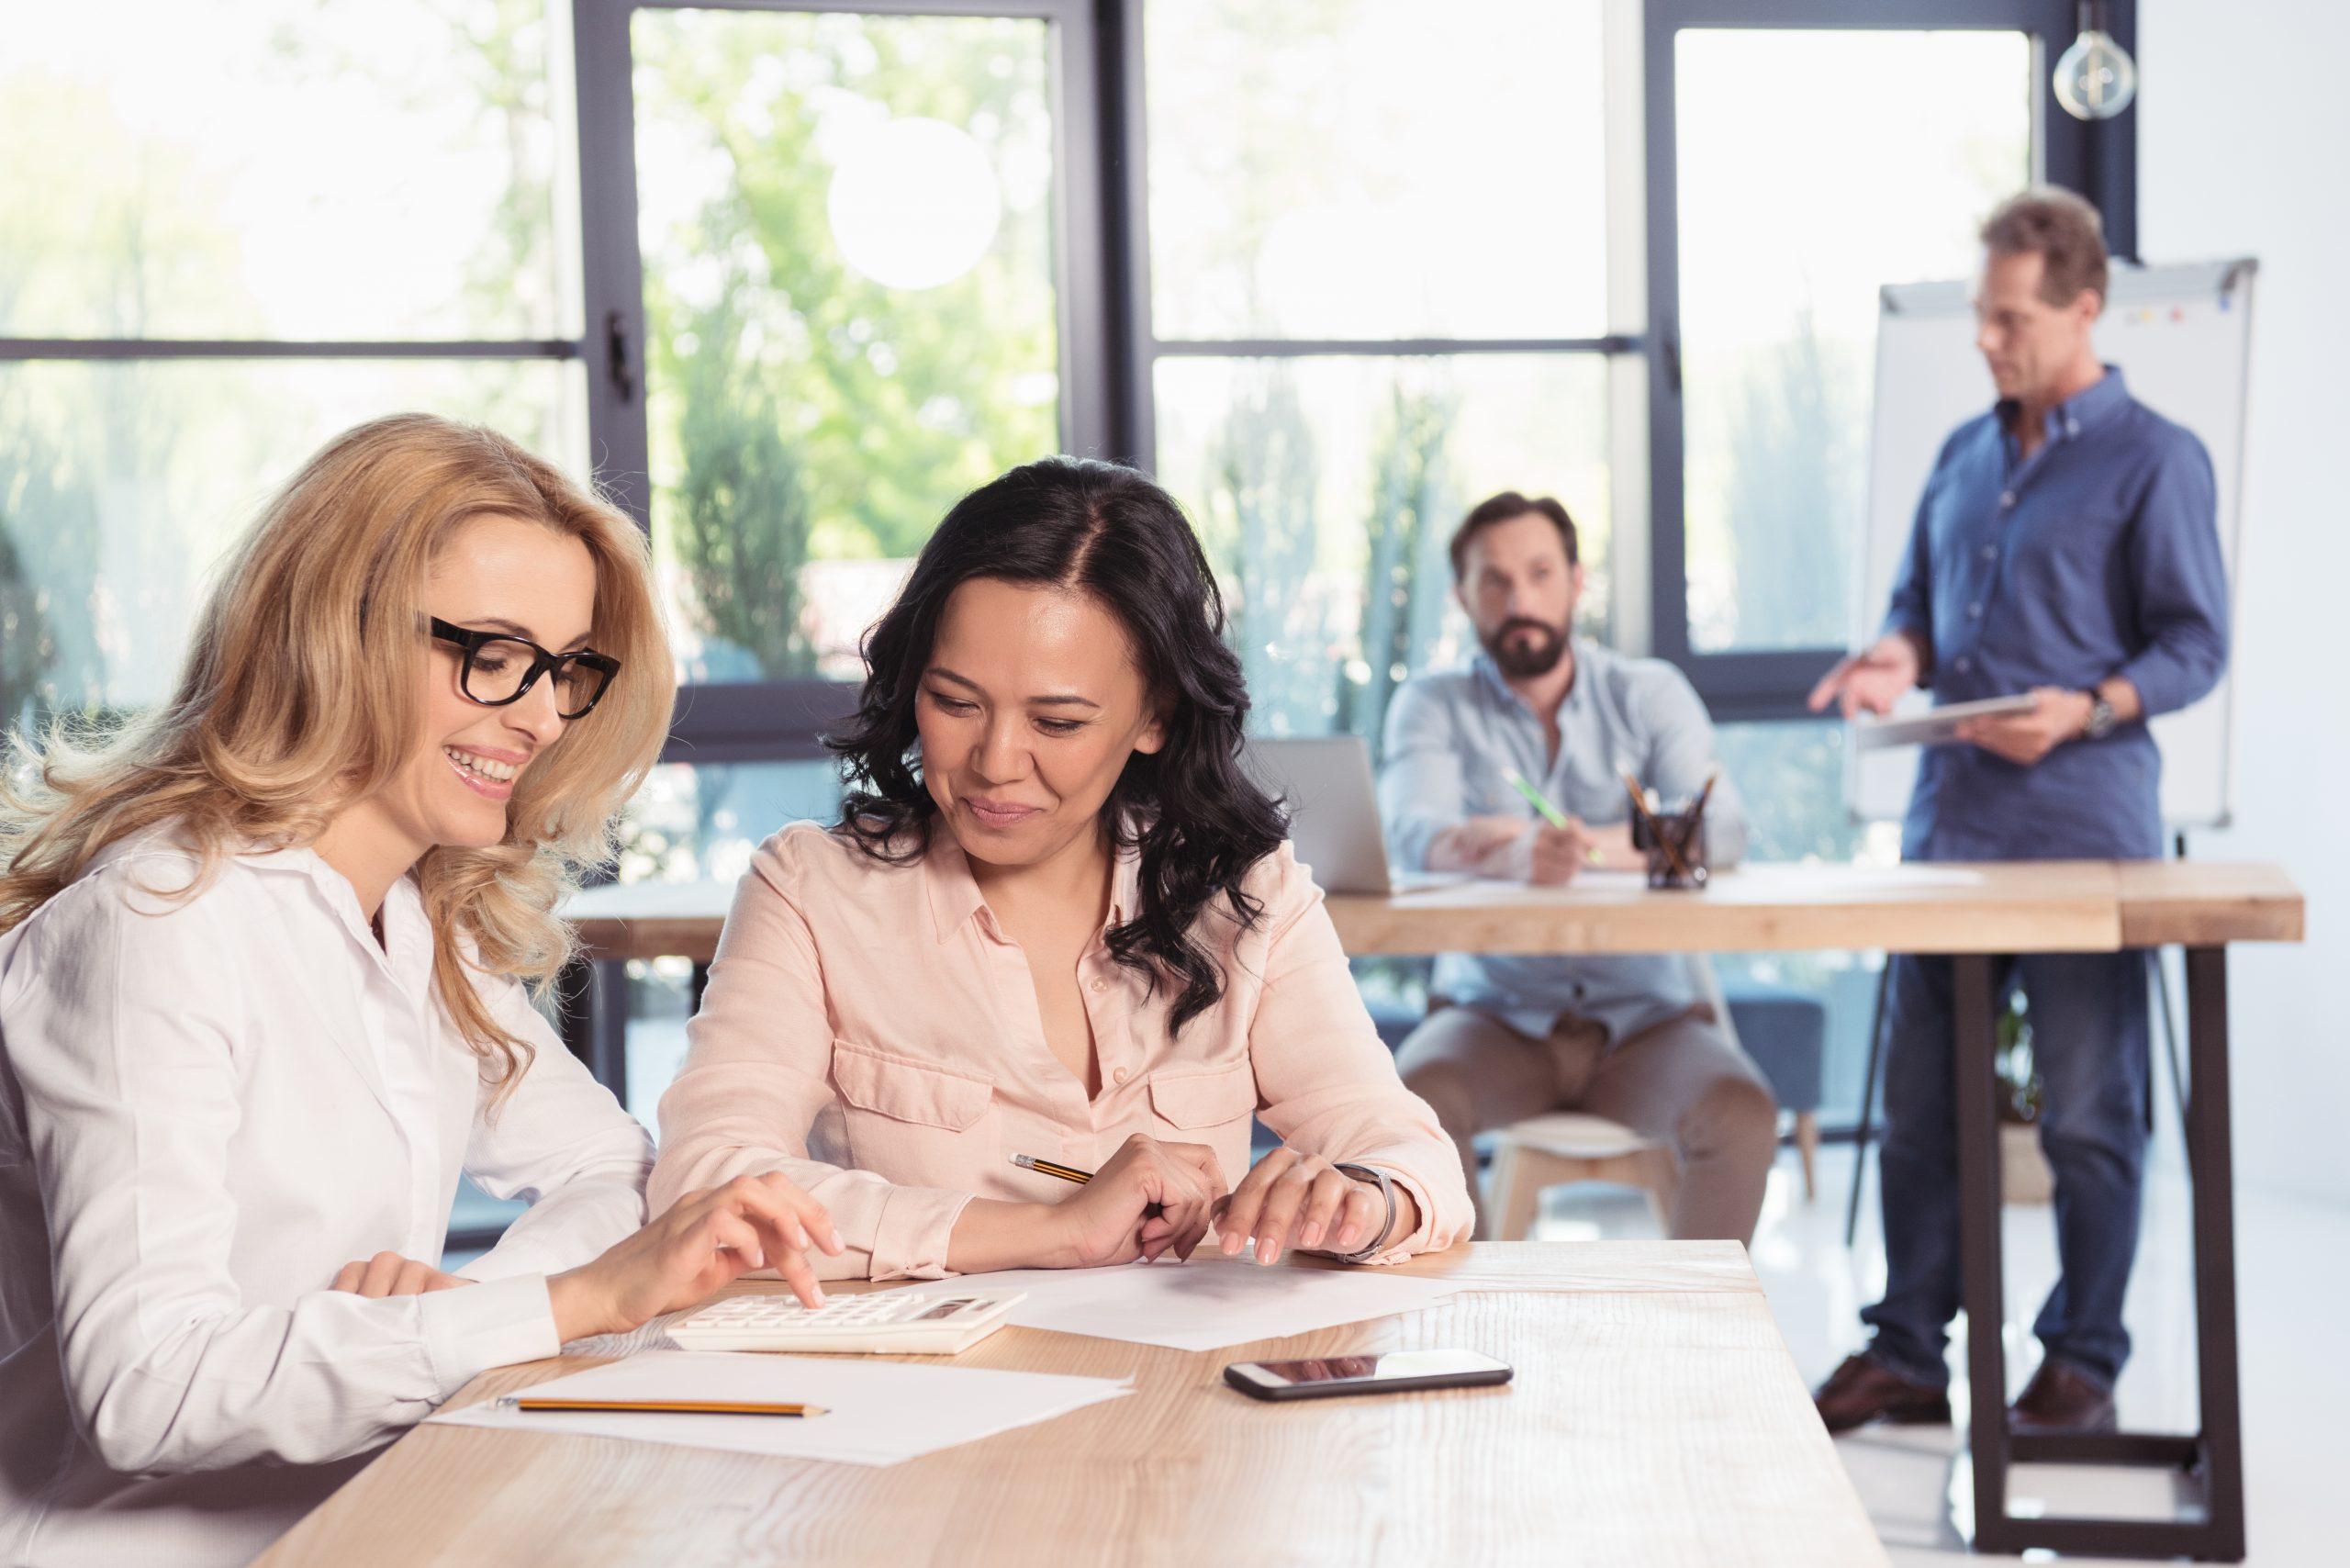 Employee Benefits in Omaha, NE | Chastain Otis Insurance Agency